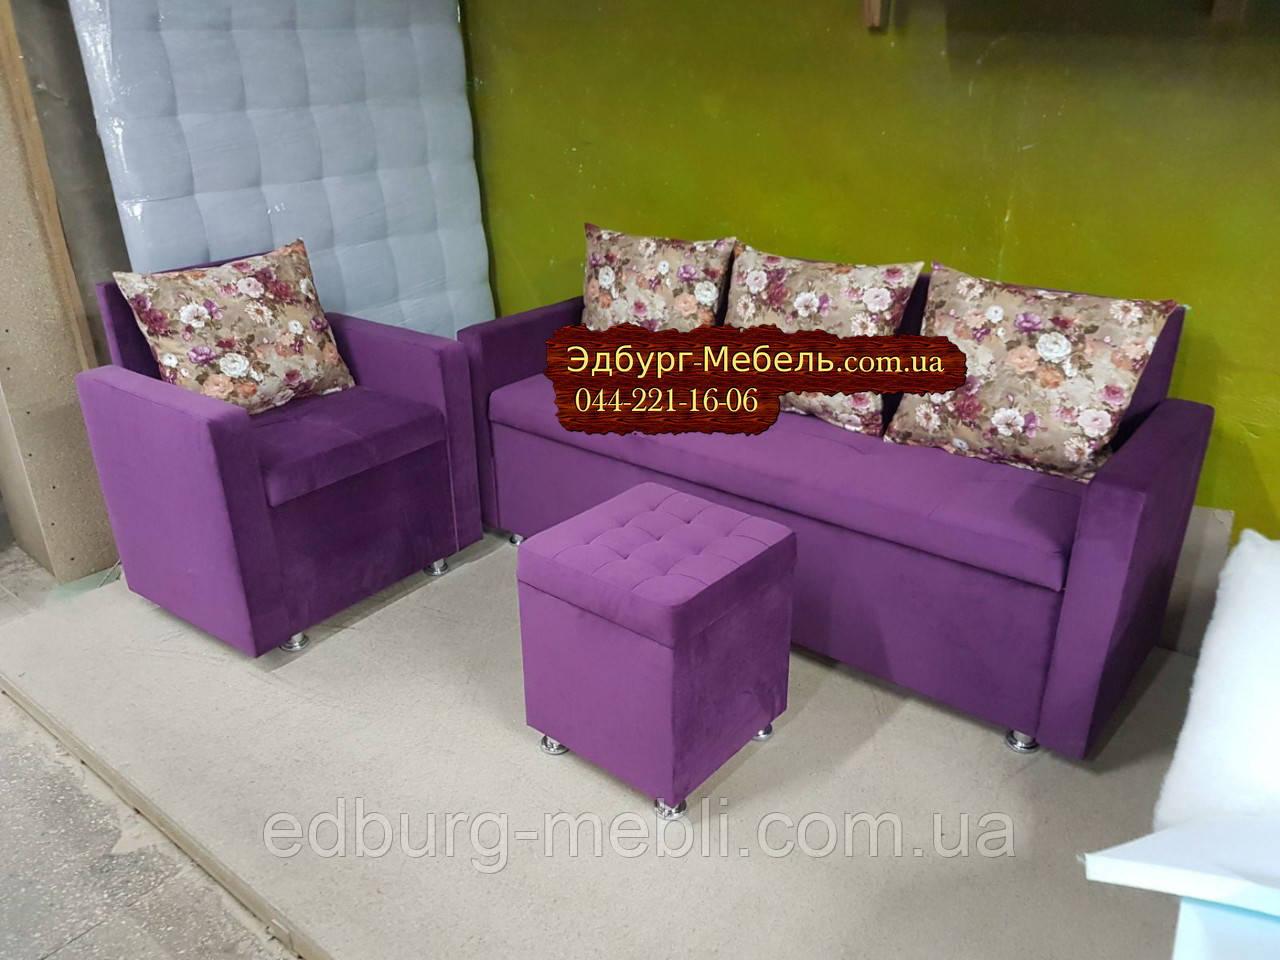 Диван кресло и пуф набор для узкой кухни с подлокотниками